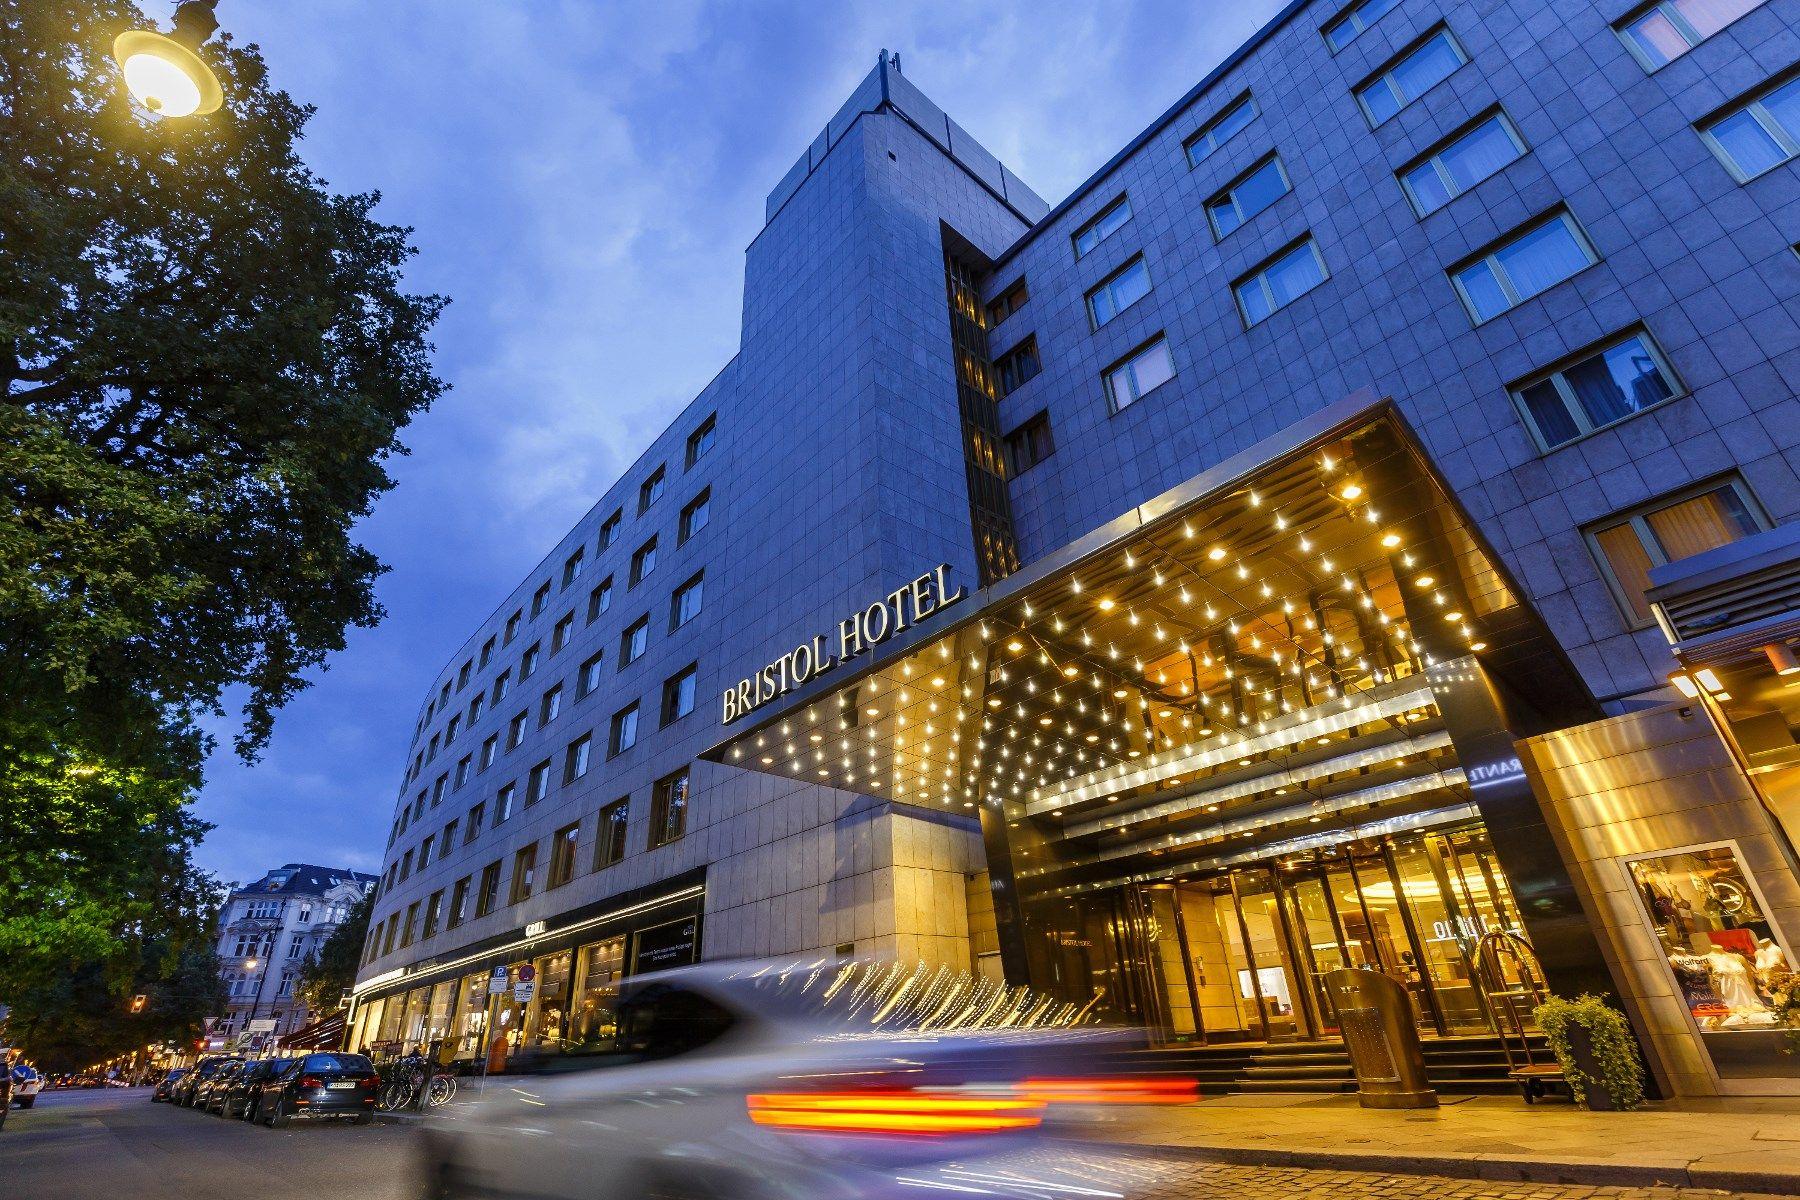 Hotel Bristol Berlin Offizielle Webseite Hotel Bristol